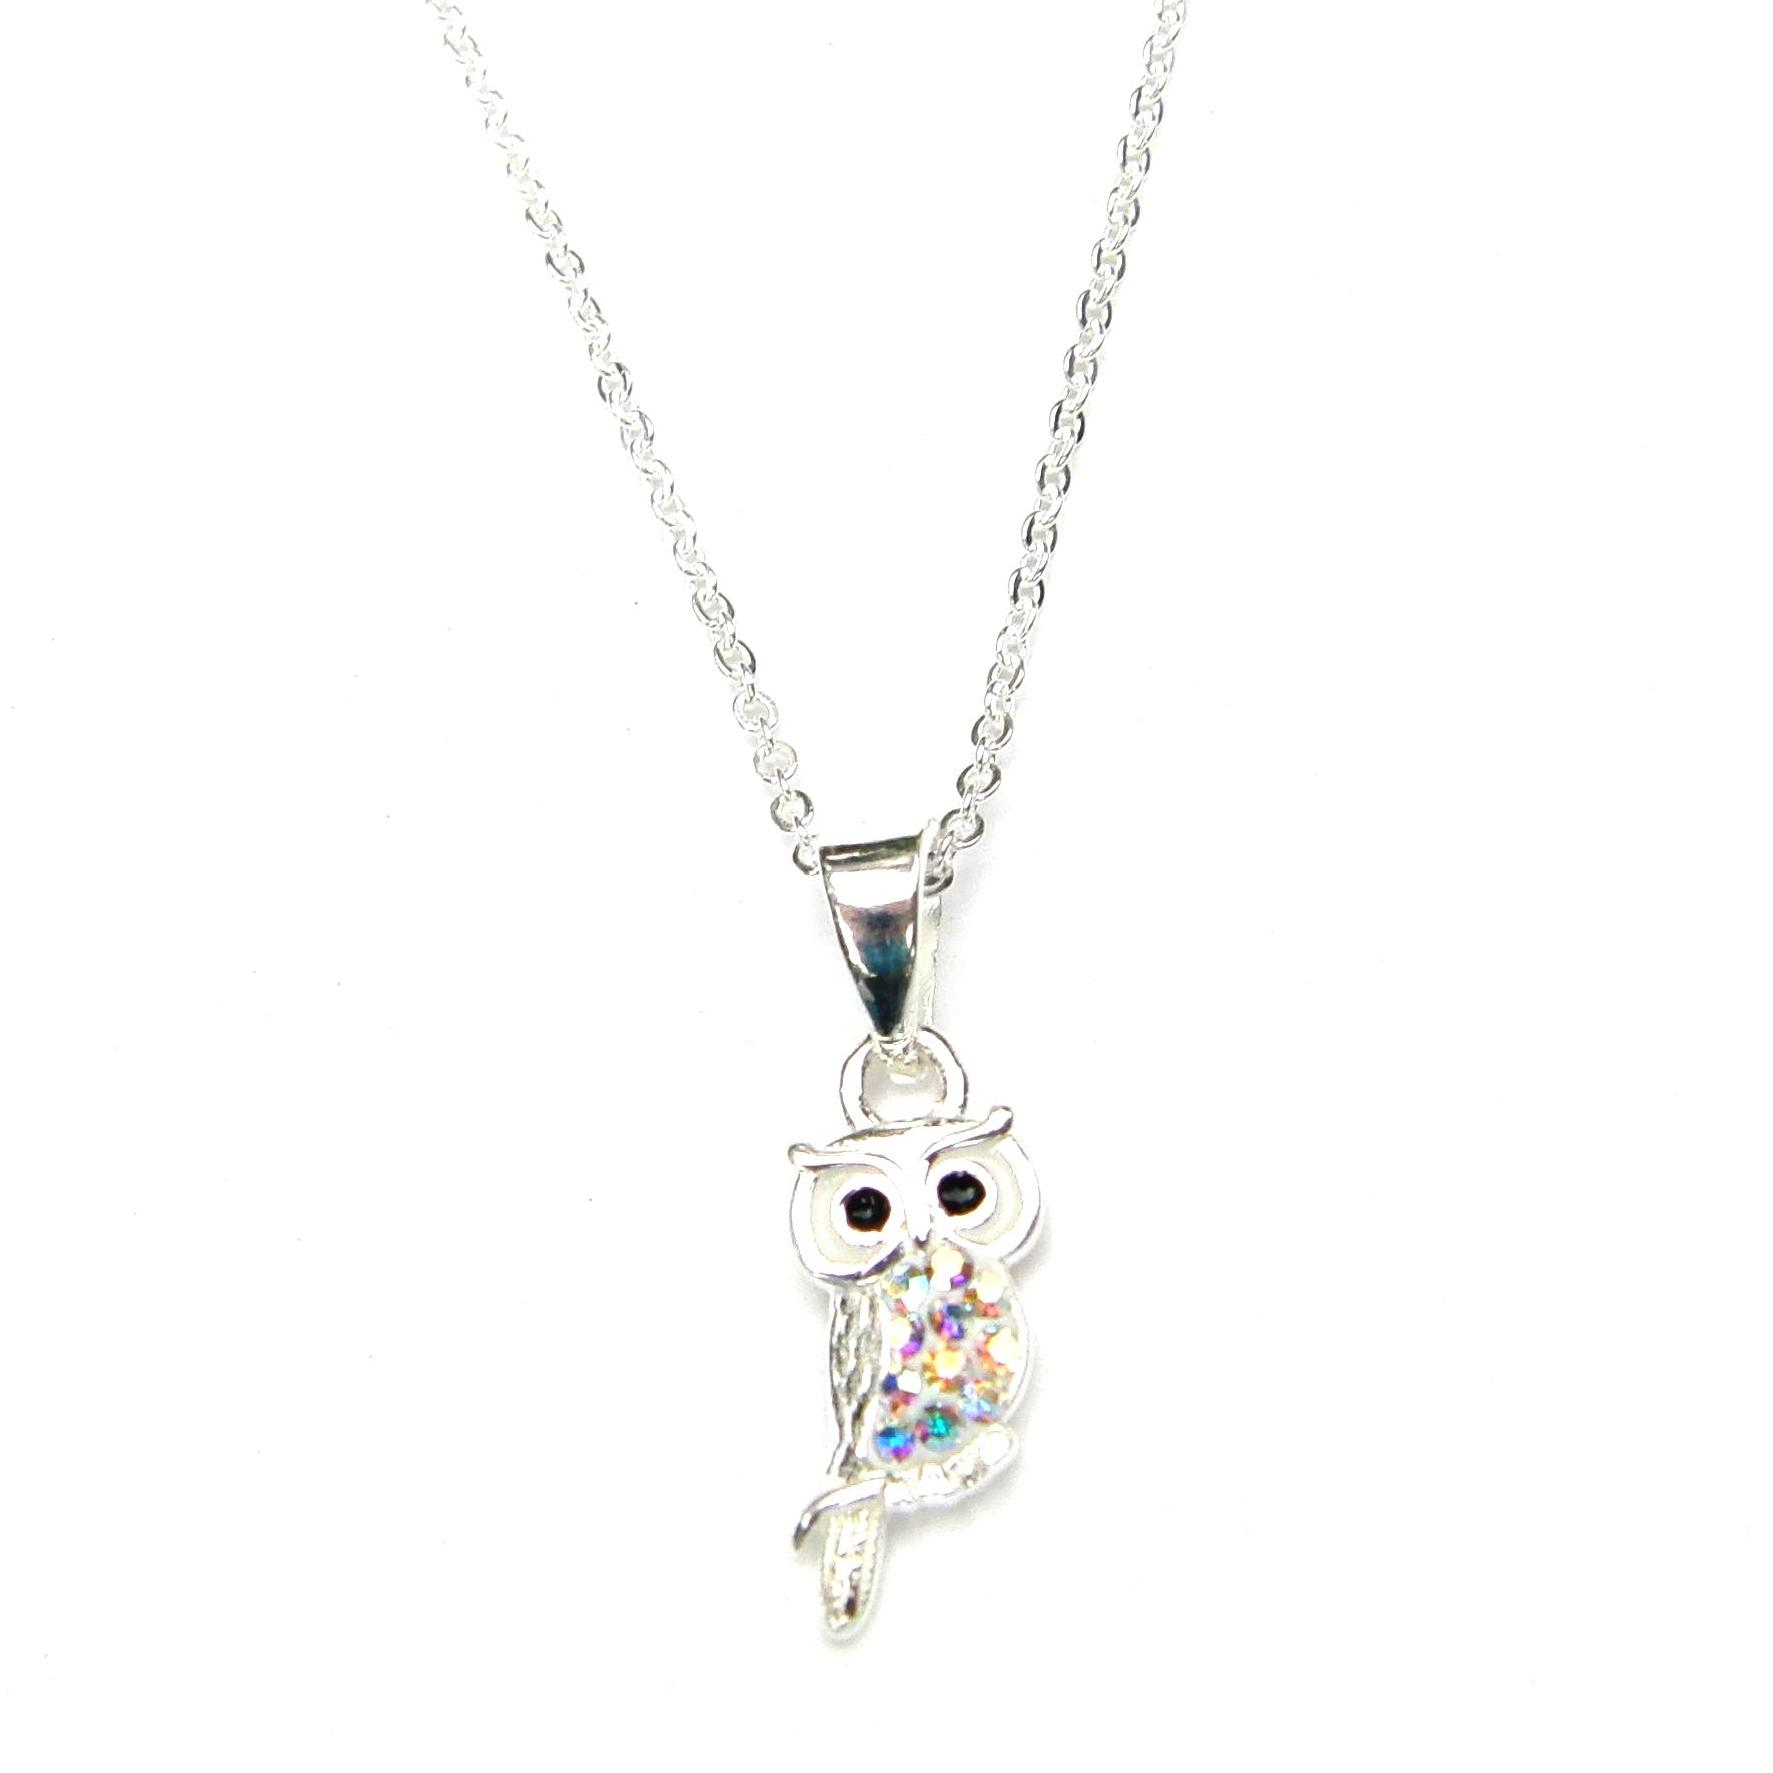 Pretty Ab Crystal Owl Necklace